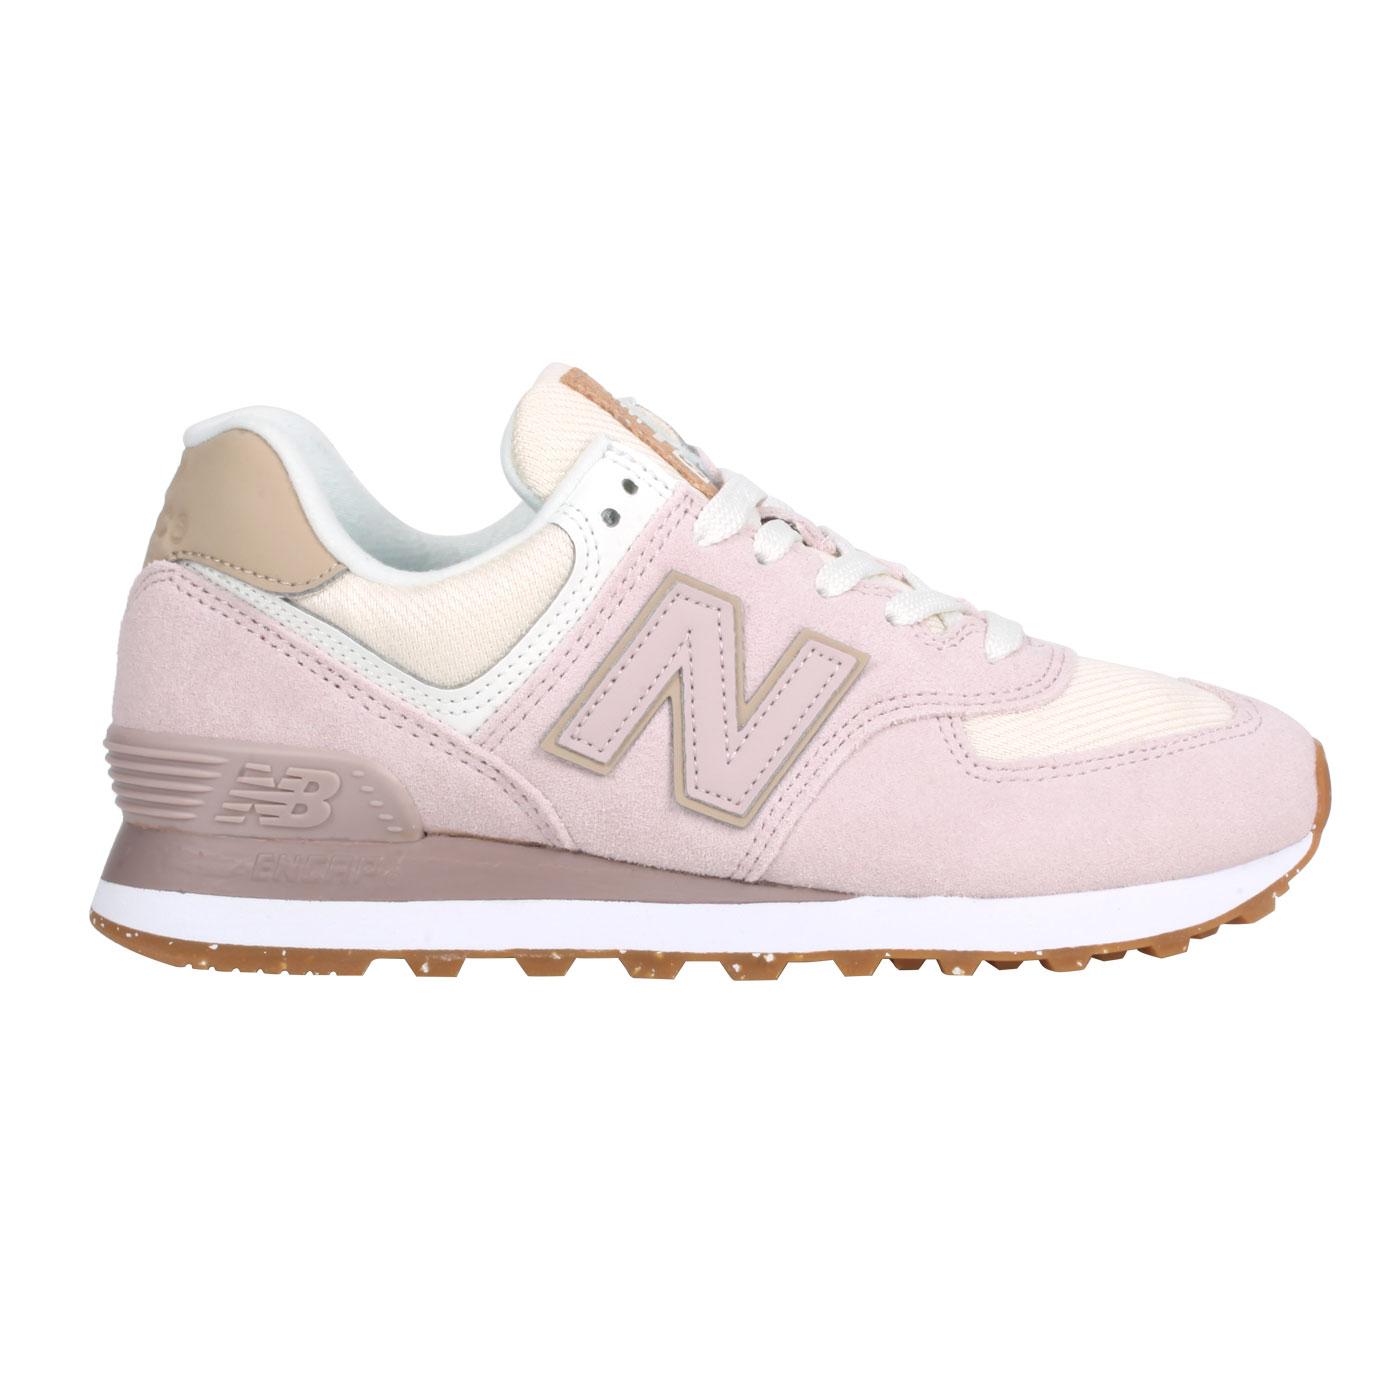 NEW BALANCE 女款復古運動鞋 WL574SP2 - 莓果粉